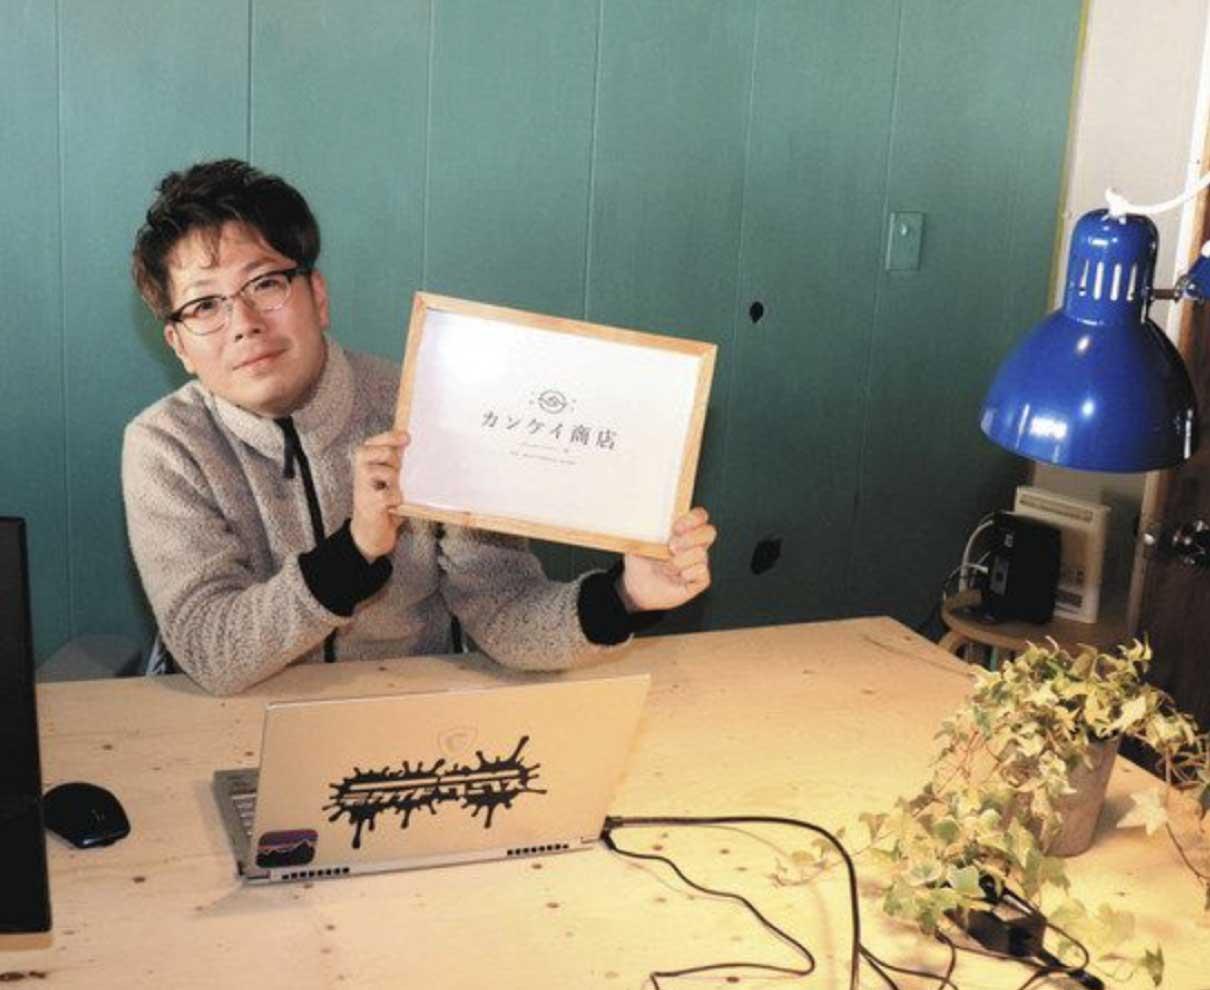 <ふくい移住物語> 美浜町出身・中村和幸さん(37)=大野市 ウェブコンサルタント